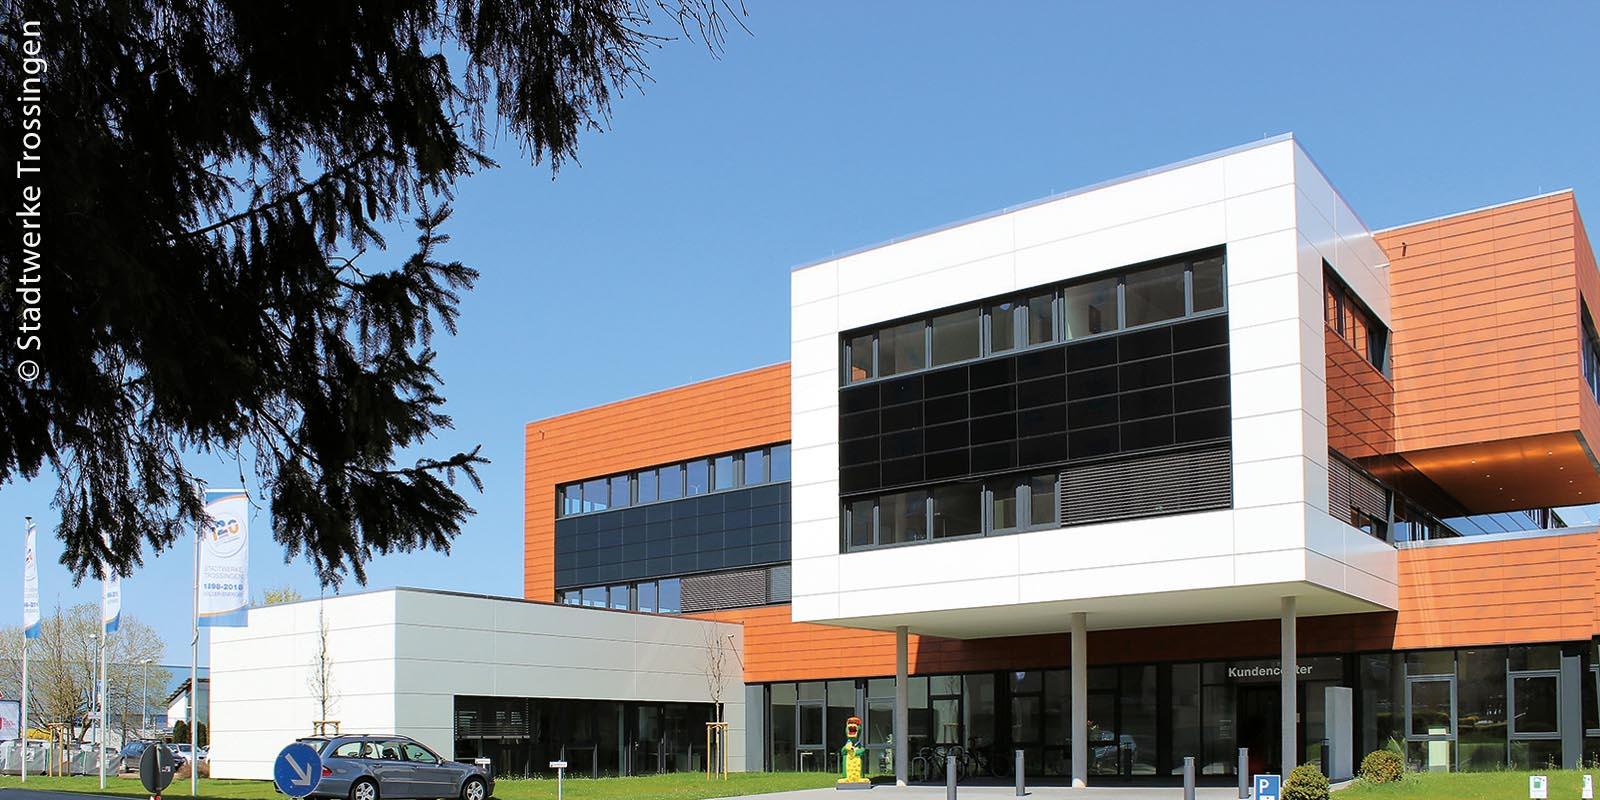 Das neue Gebäude der Stadtwerke Trossingen wurde mit vier Zeiterfassungsterminals und mit der digitalen Zutrittslösung Smart-Intego von Zeus ausgestattet.